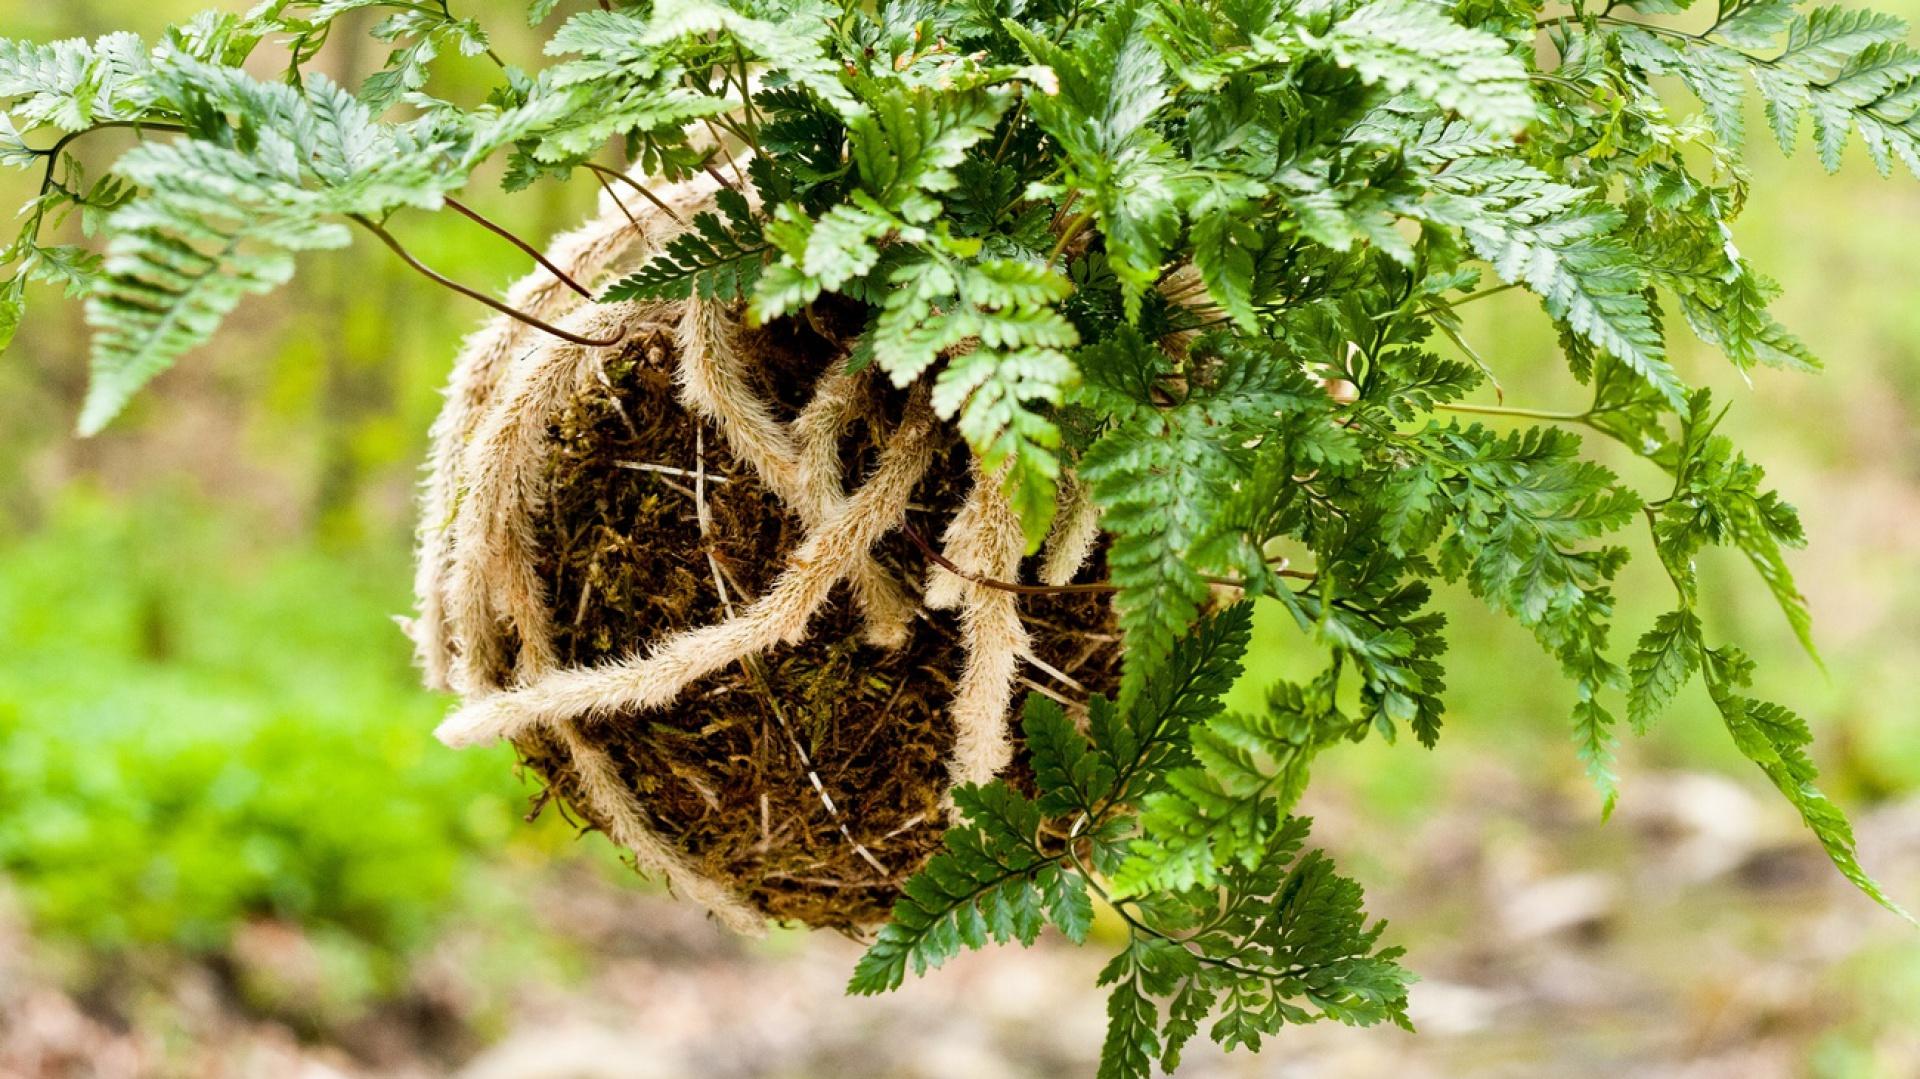 Uprawiaj Rośliny Bez Doniczki Nowa Japońska Sztuka